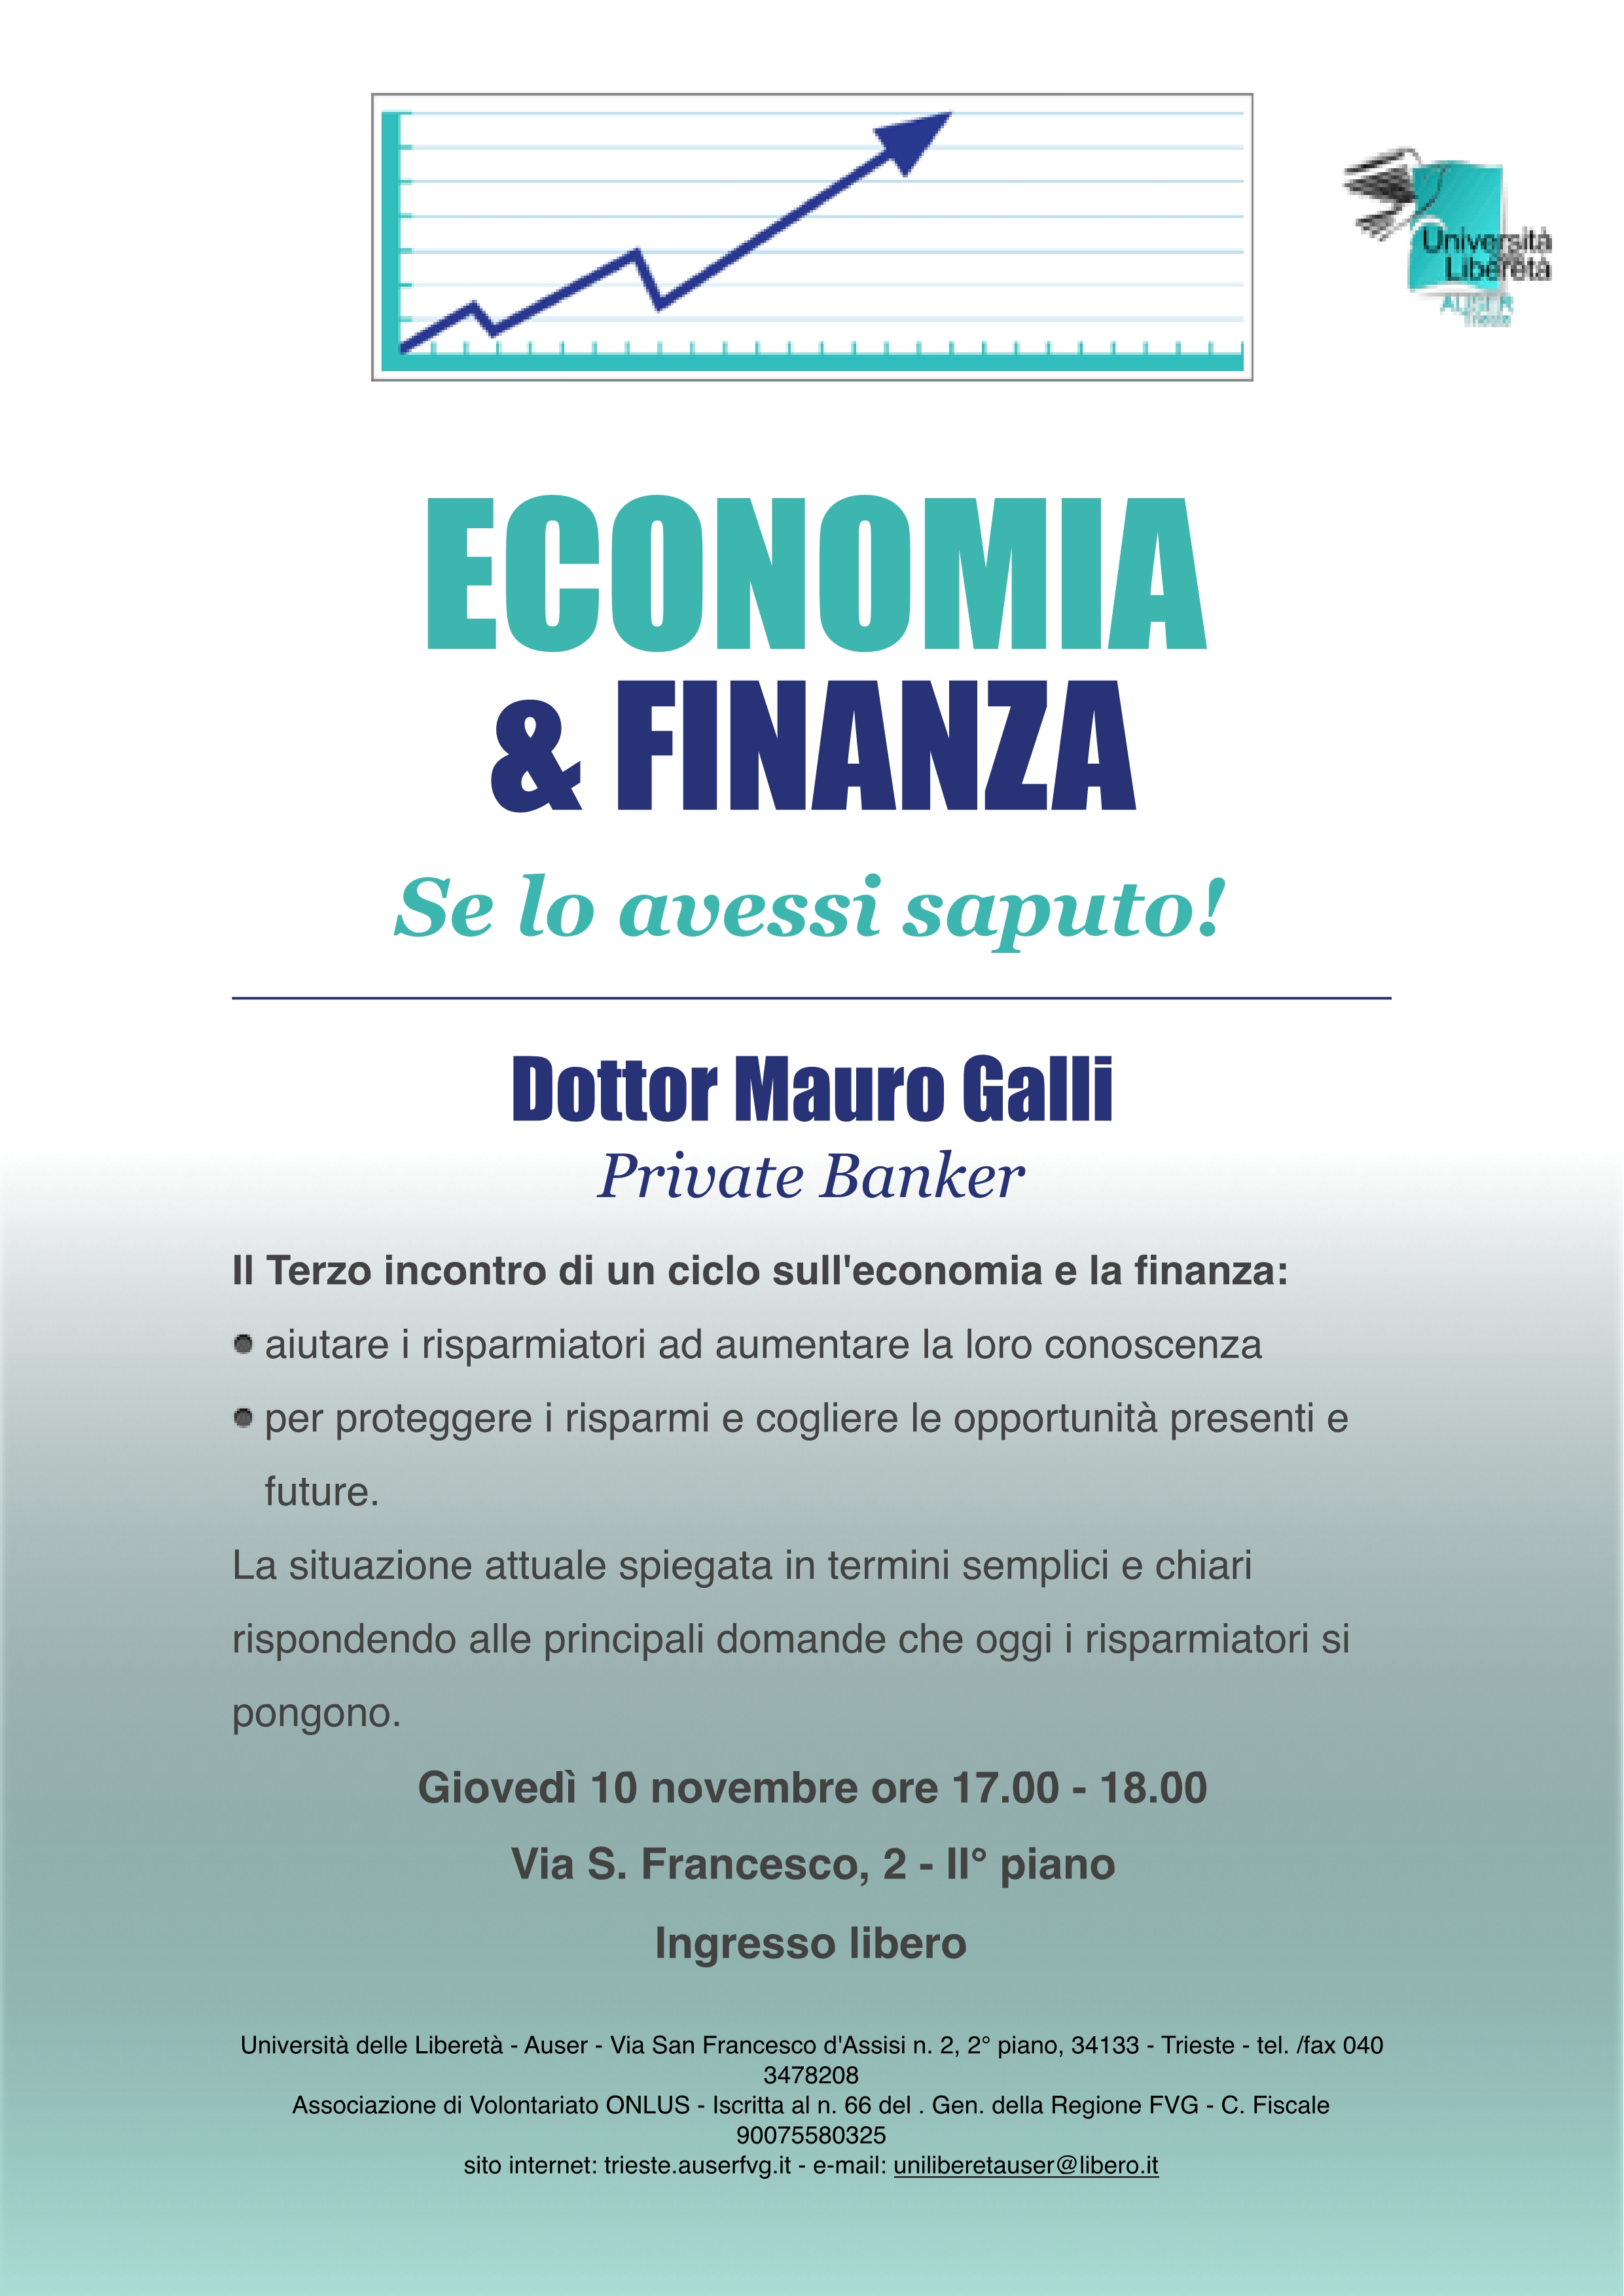 locandina-economia-e-finanza-3